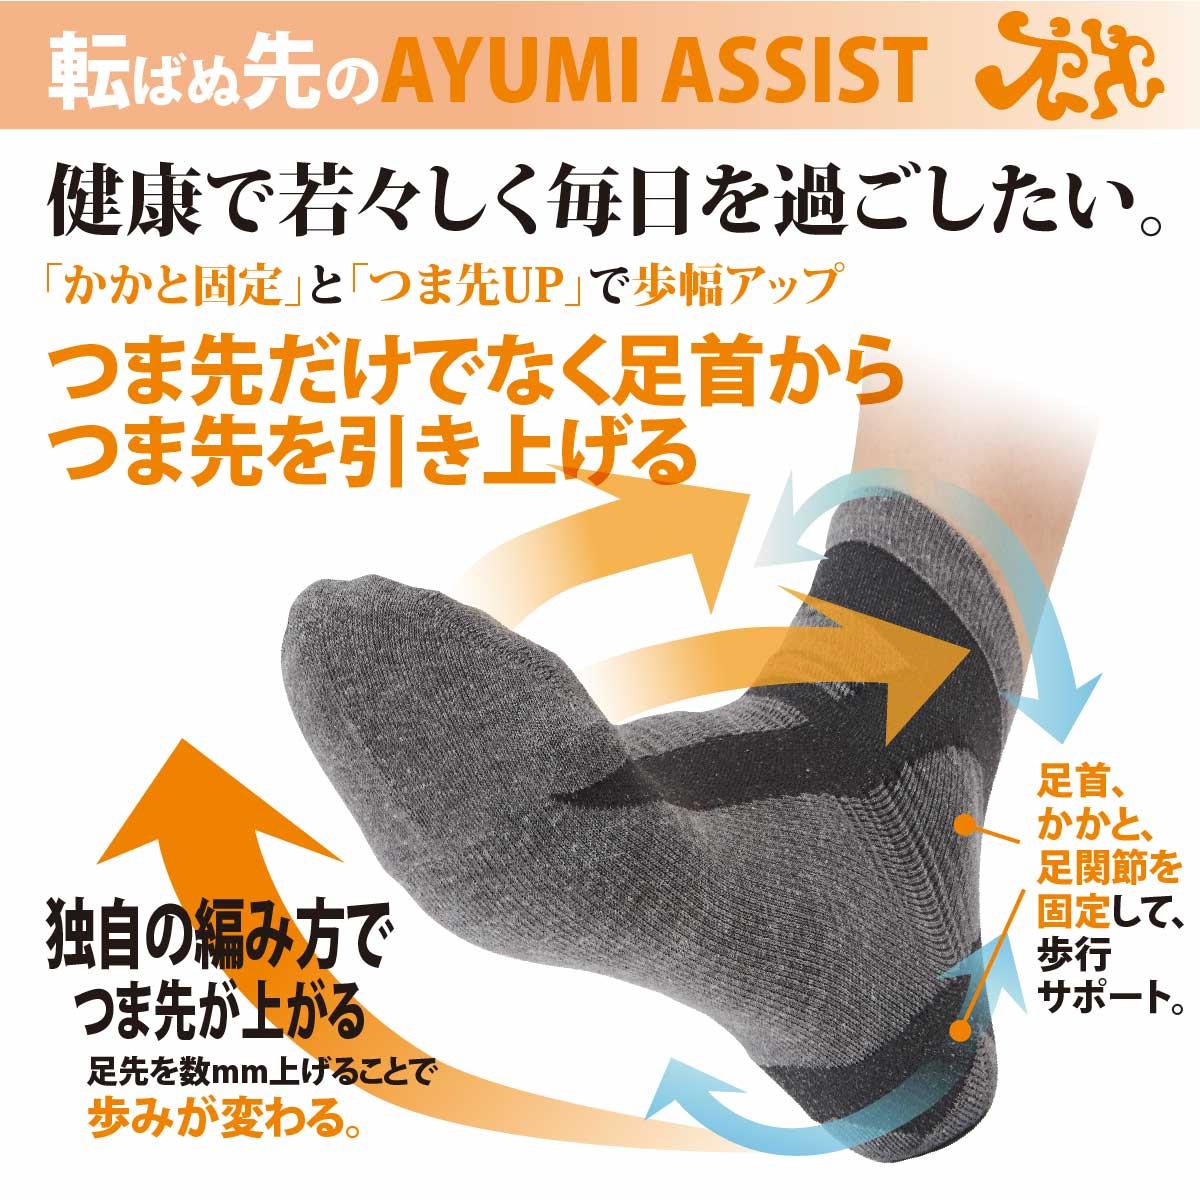 AYUMI ASSIST アユミアシスト